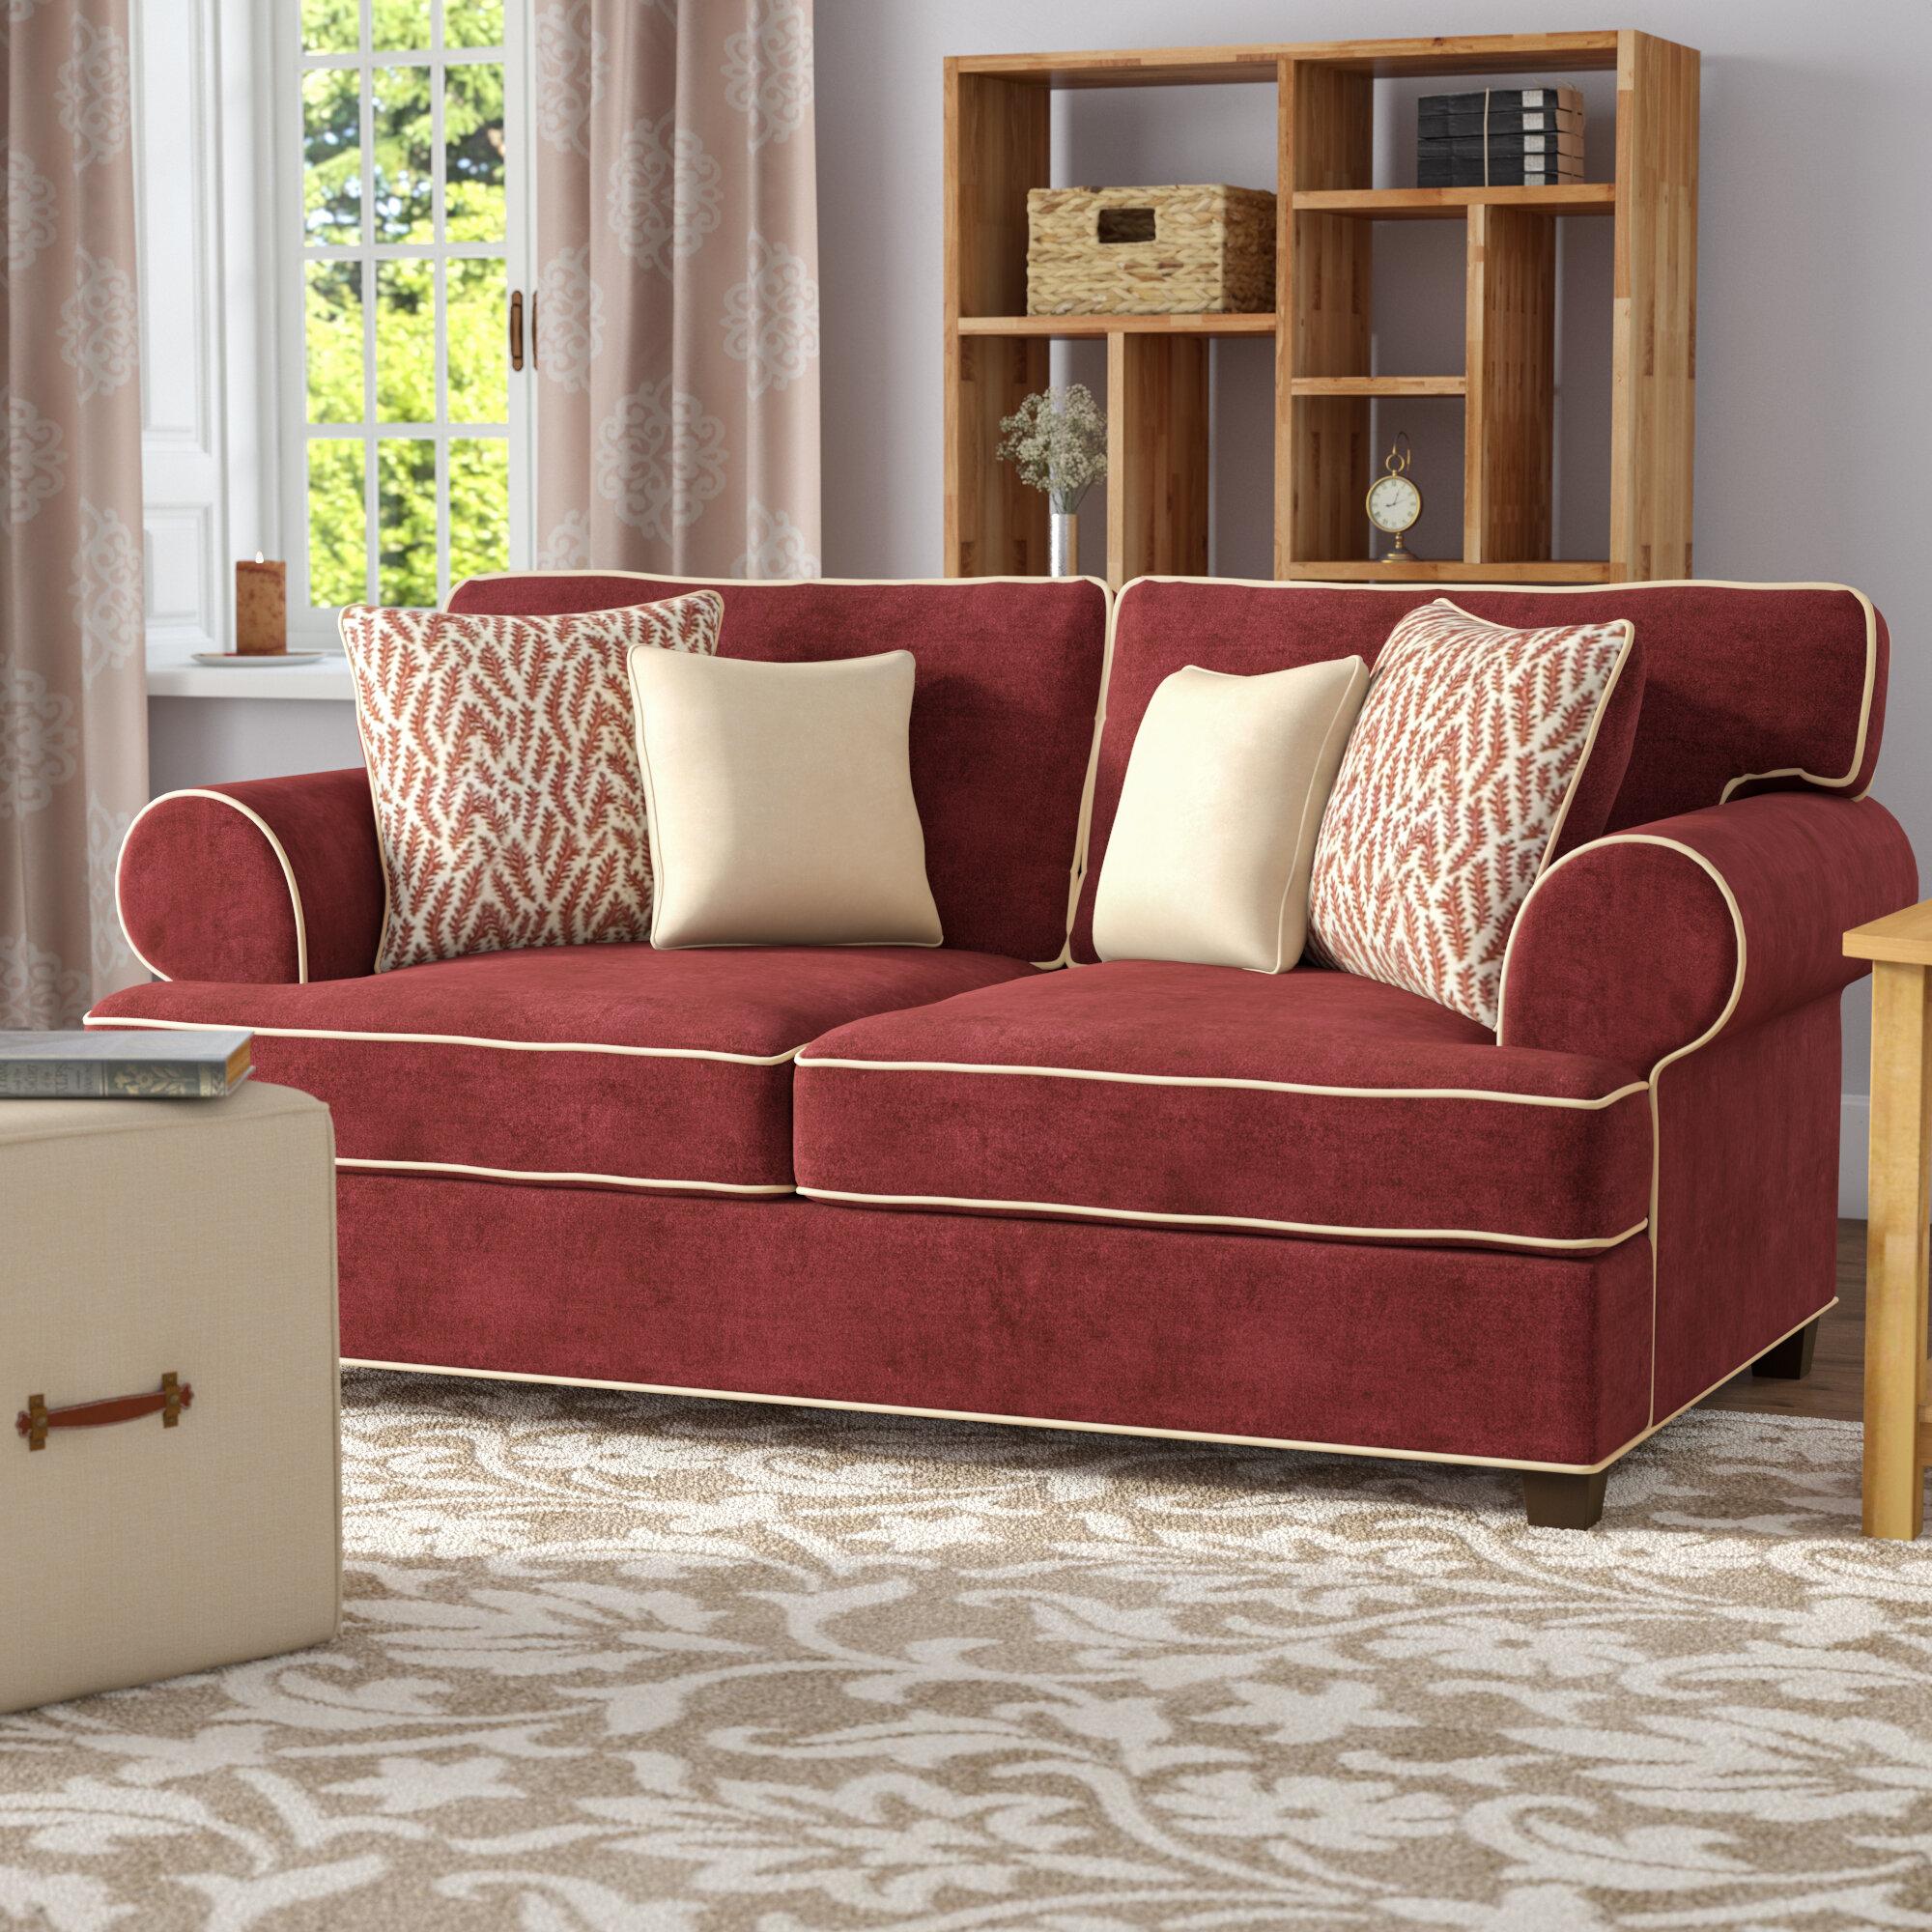 Fantastic Quartz Loveseat Lamtechconsult Wood Chair Design Ideas Lamtechconsultcom